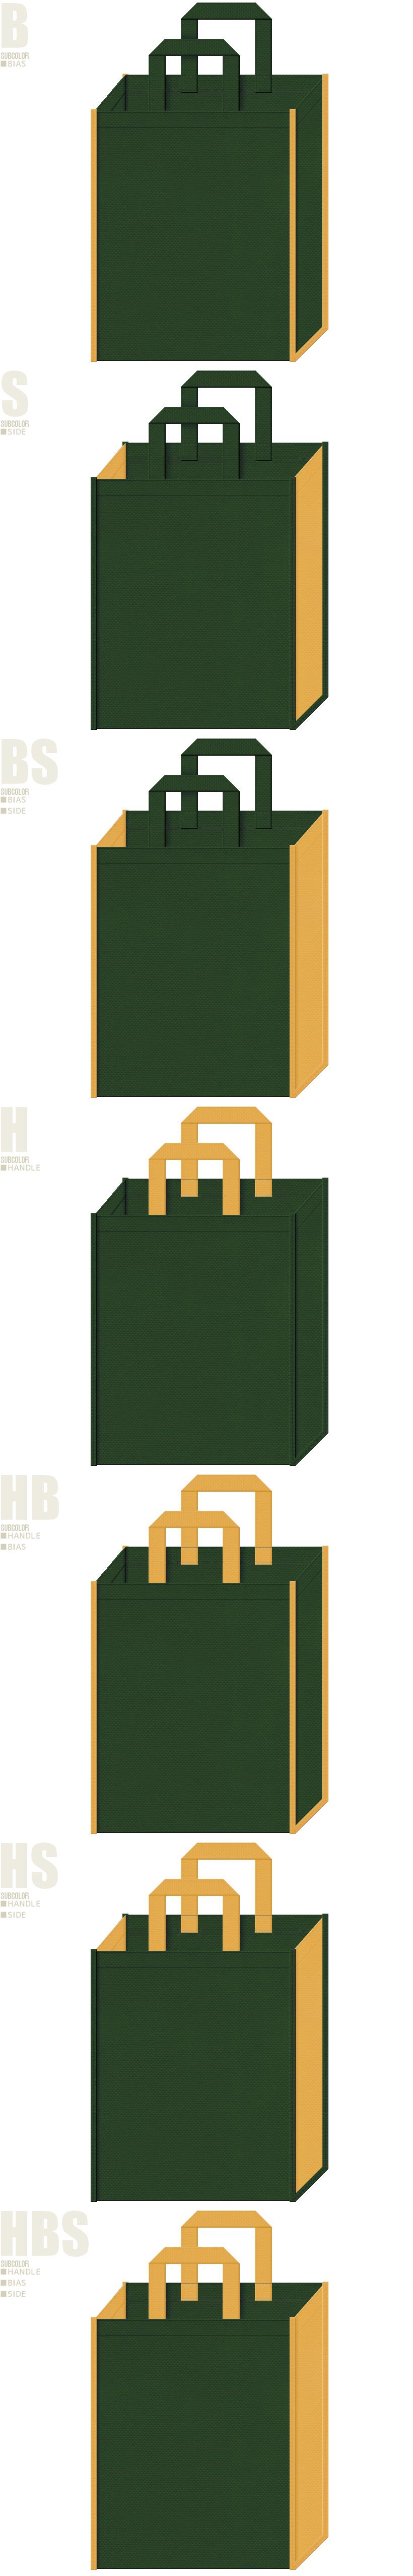 パイナップル・かぼちゃ・テーマパーク・探検・ジャングル・恐竜・DIY・テント・タープ・チェア・登山・アウトドア・キャンプ用品の展示会用バッグにお奨めの不織布バッグデザイン:濃緑色と黄土色の配色7パターン